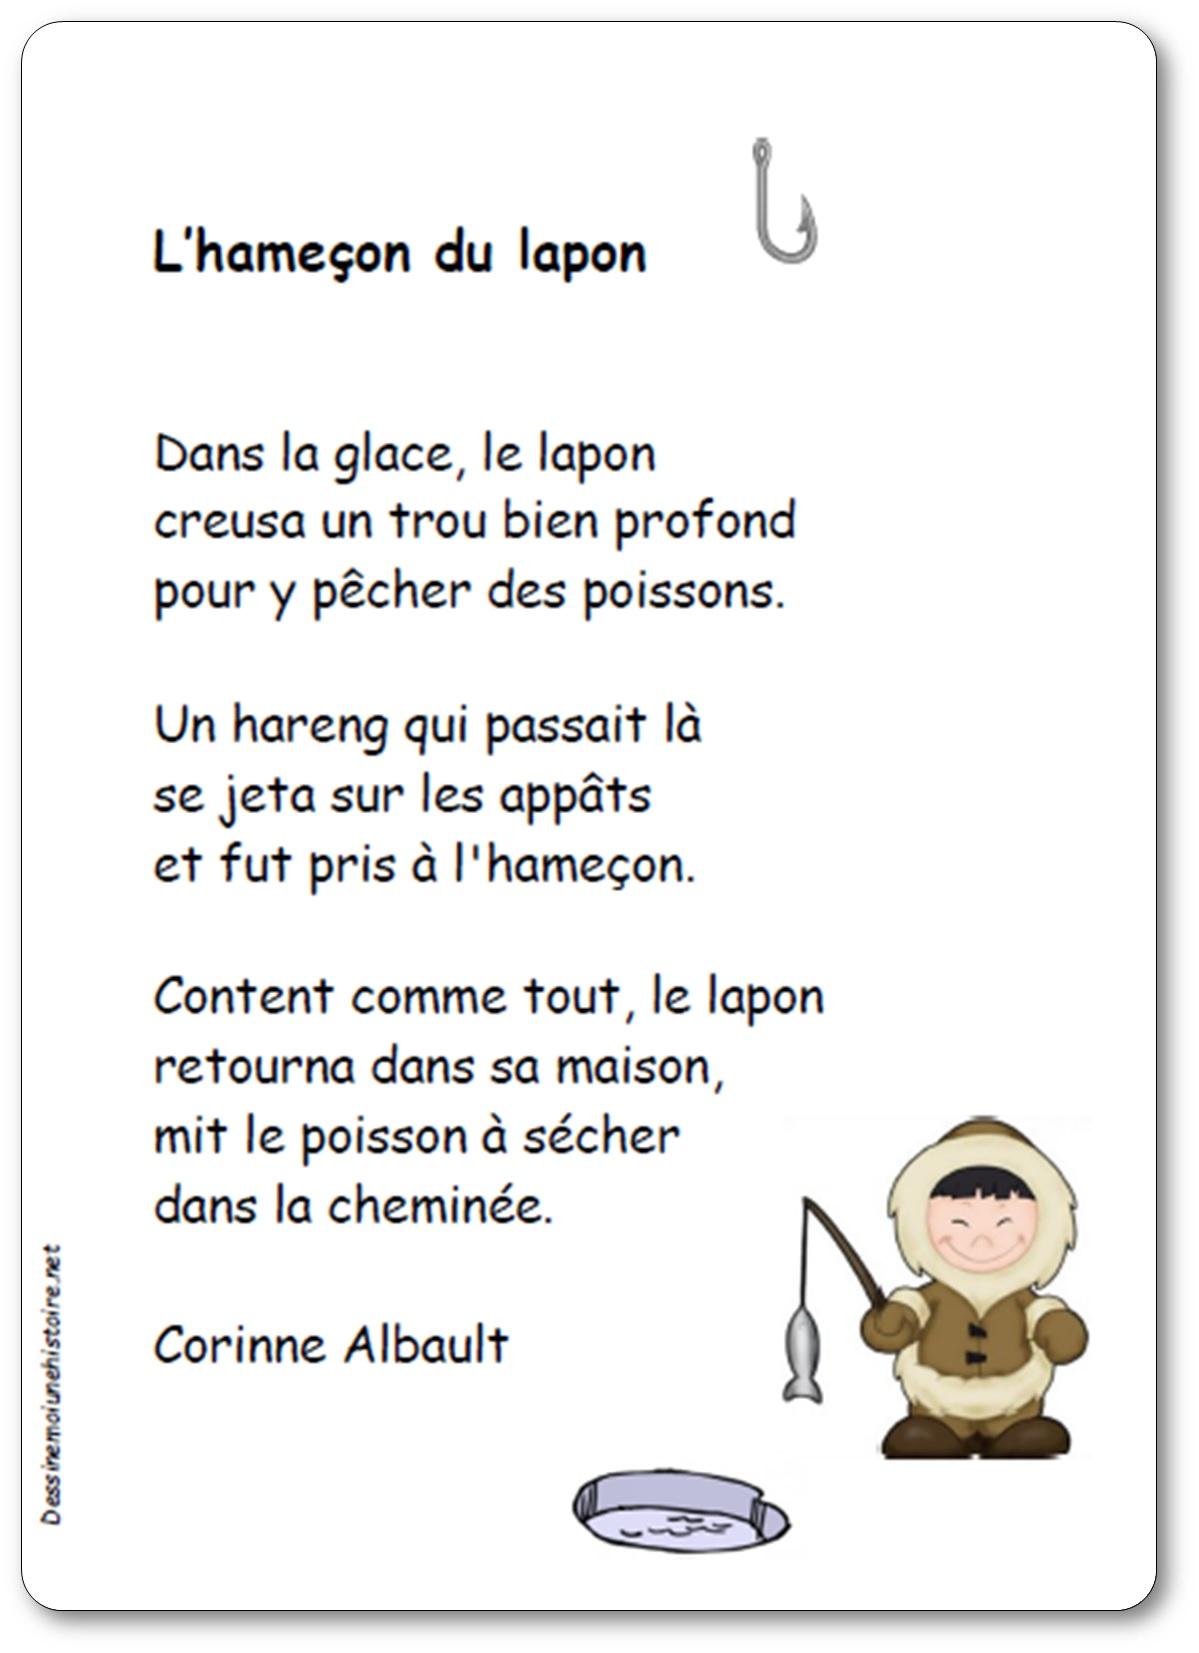 poesie-l-hamecon-du-lapon-corinne-albaut, hameçon du lapon